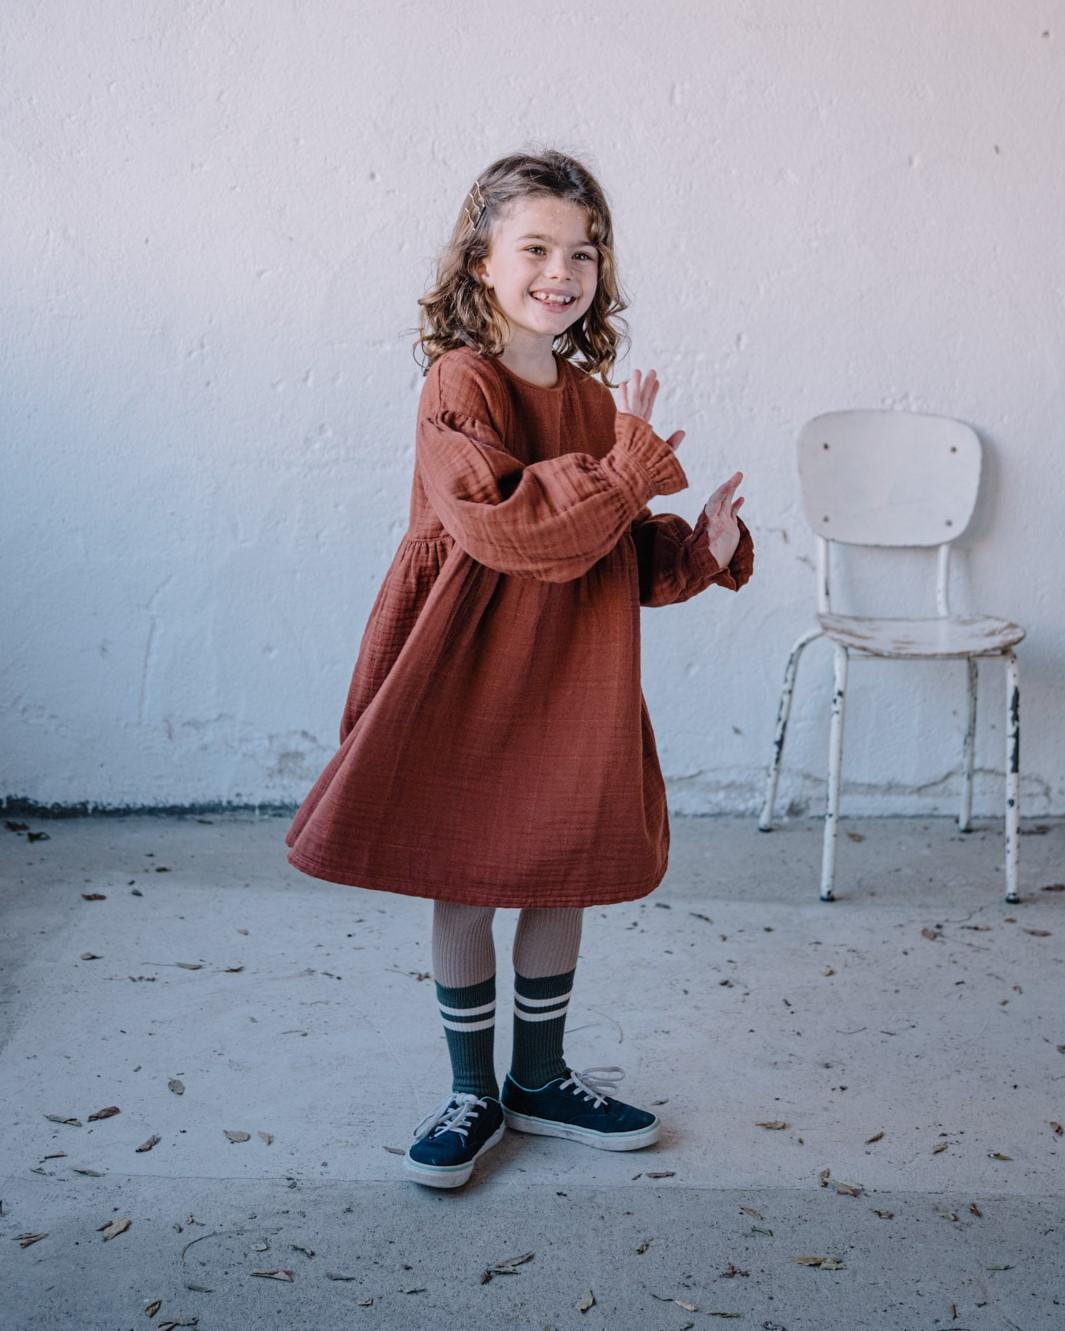 kleid kids estelle argile